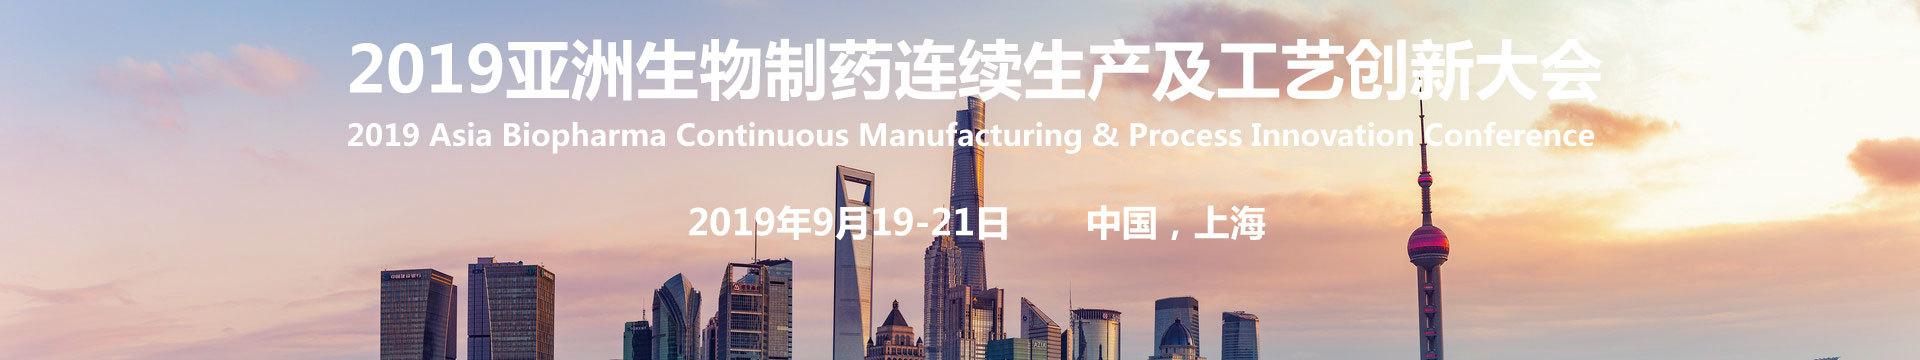 2019亚洲生物制药连续生产及工艺创新大会(上海)